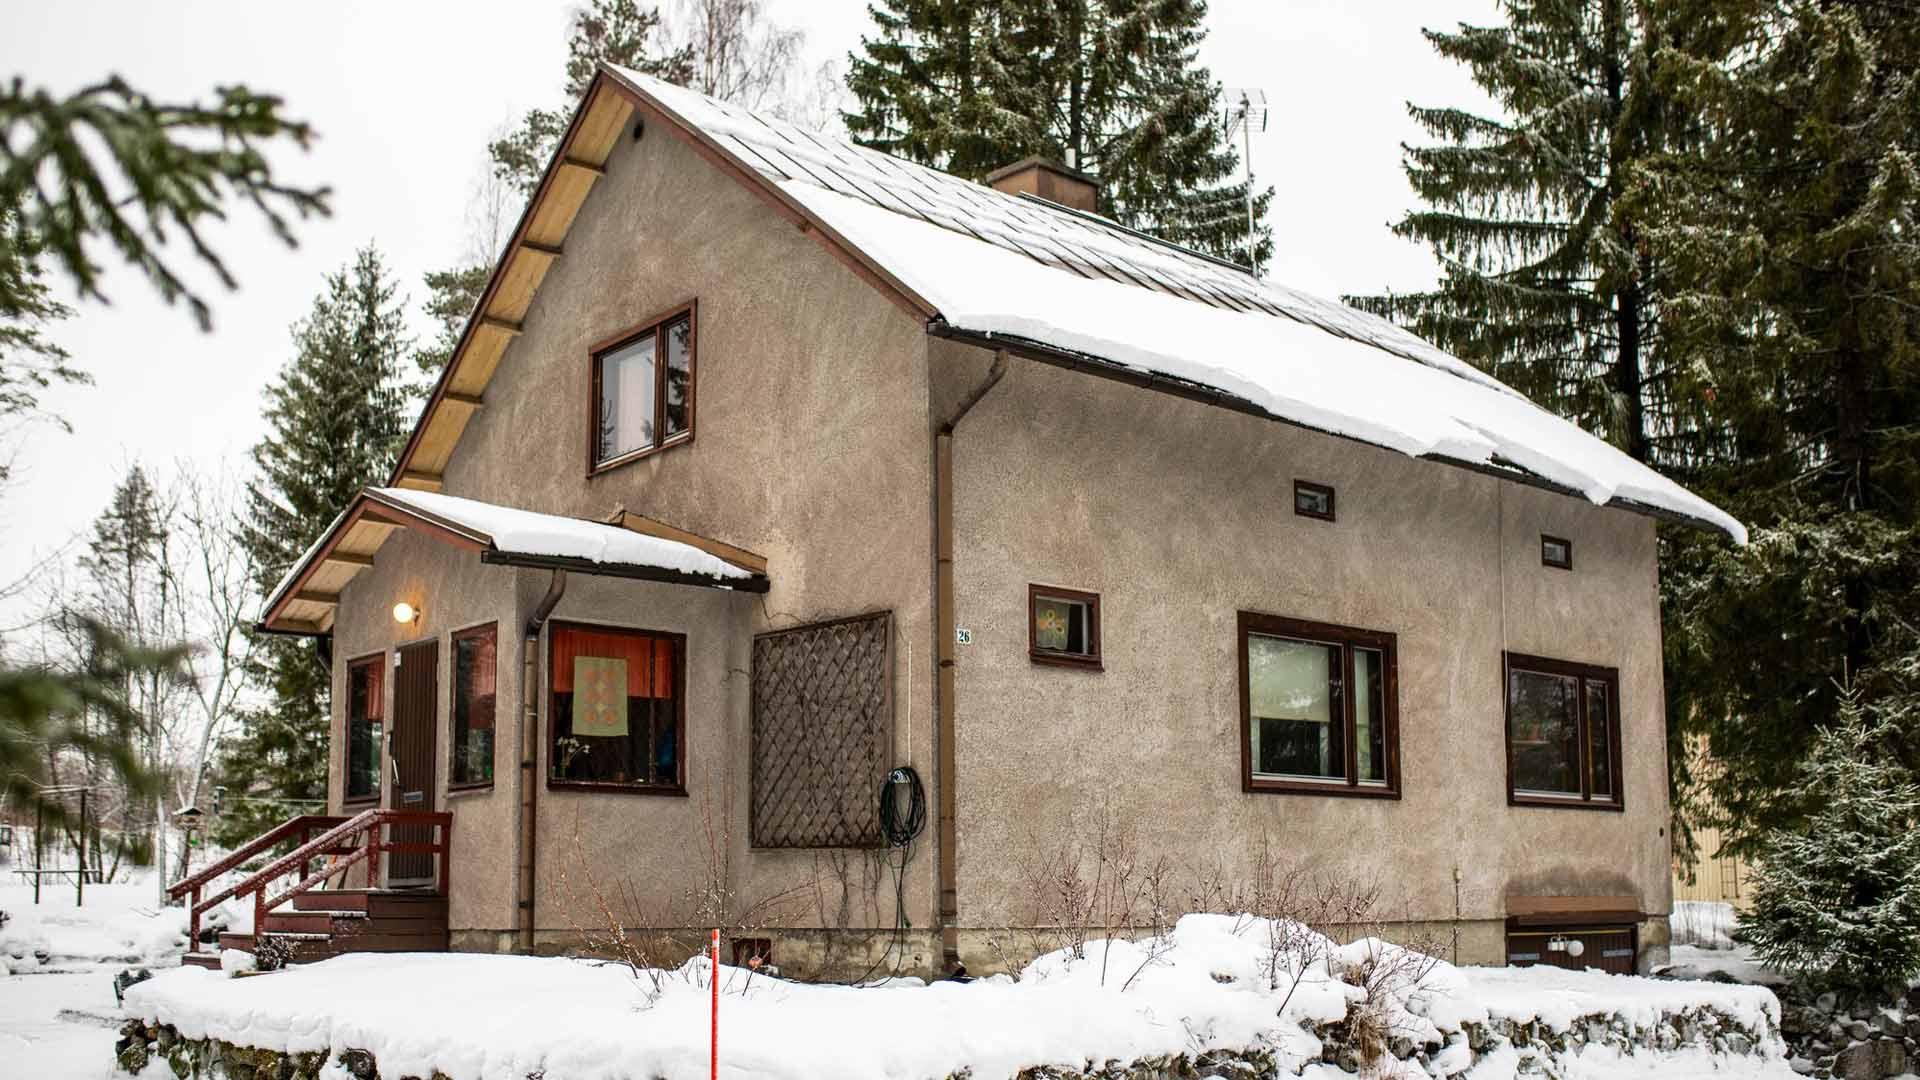 1950-luvulla rakennettu rintamamiestalo oli ollut pitkään asumaton ennen Kirjavaisten muuttoa.